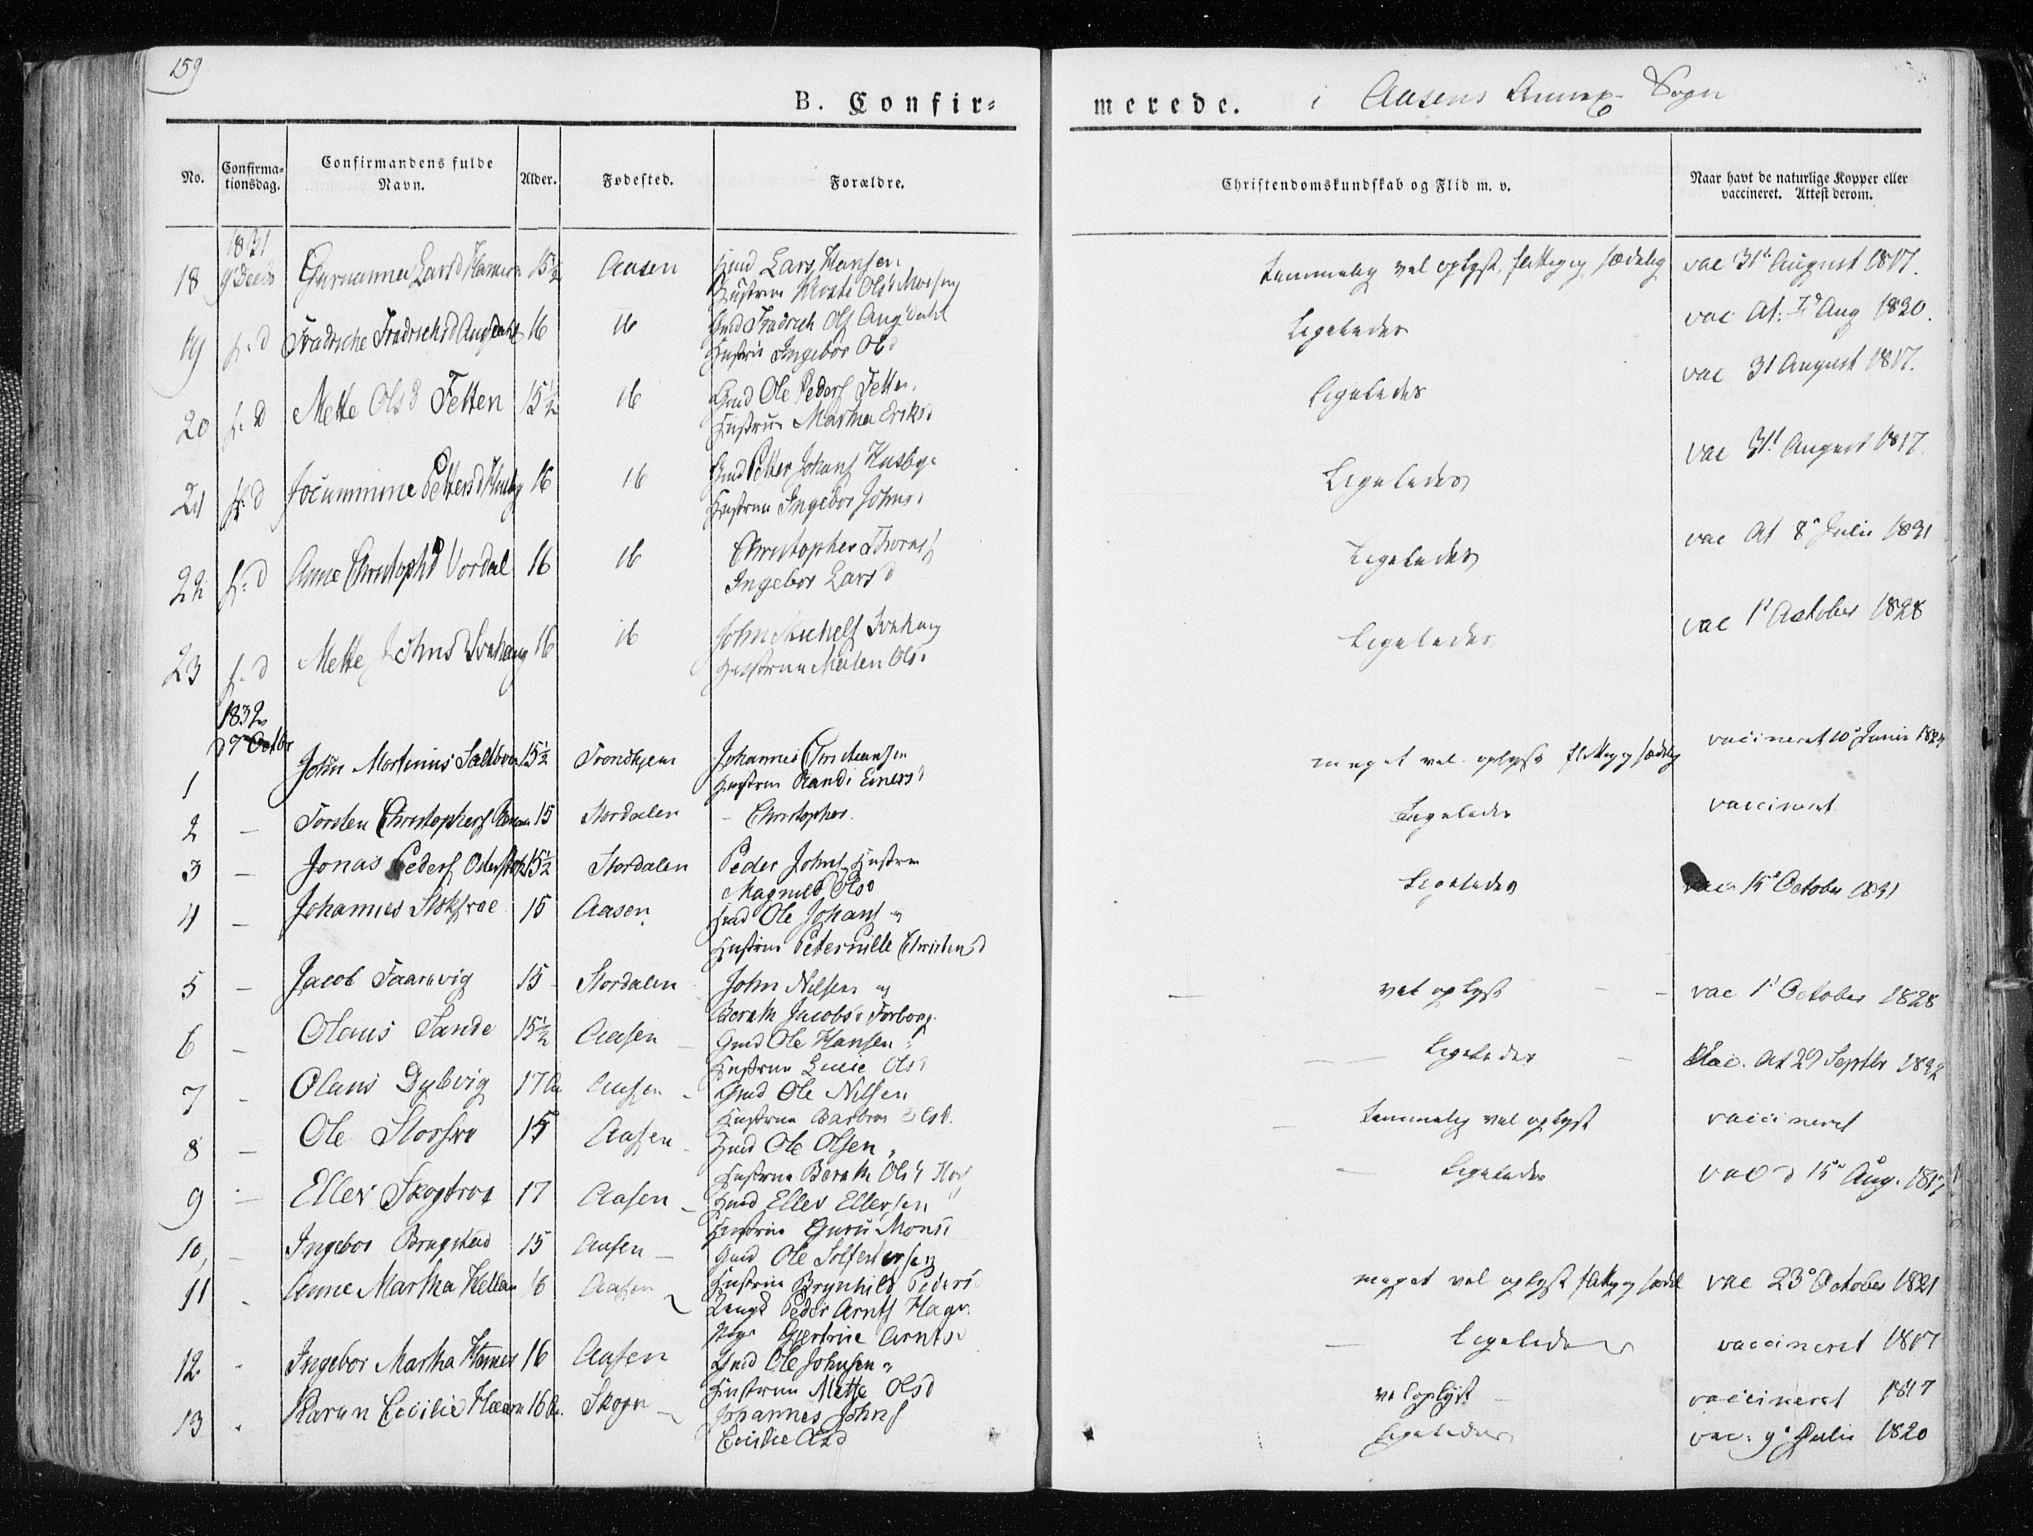 SAT, Ministerialprotokoller, klokkerbøker og fødselsregistre - Nord-Trøndelag, 713/L0114: Ministerialbok nr. 713A05, 1827-1839, s. 159